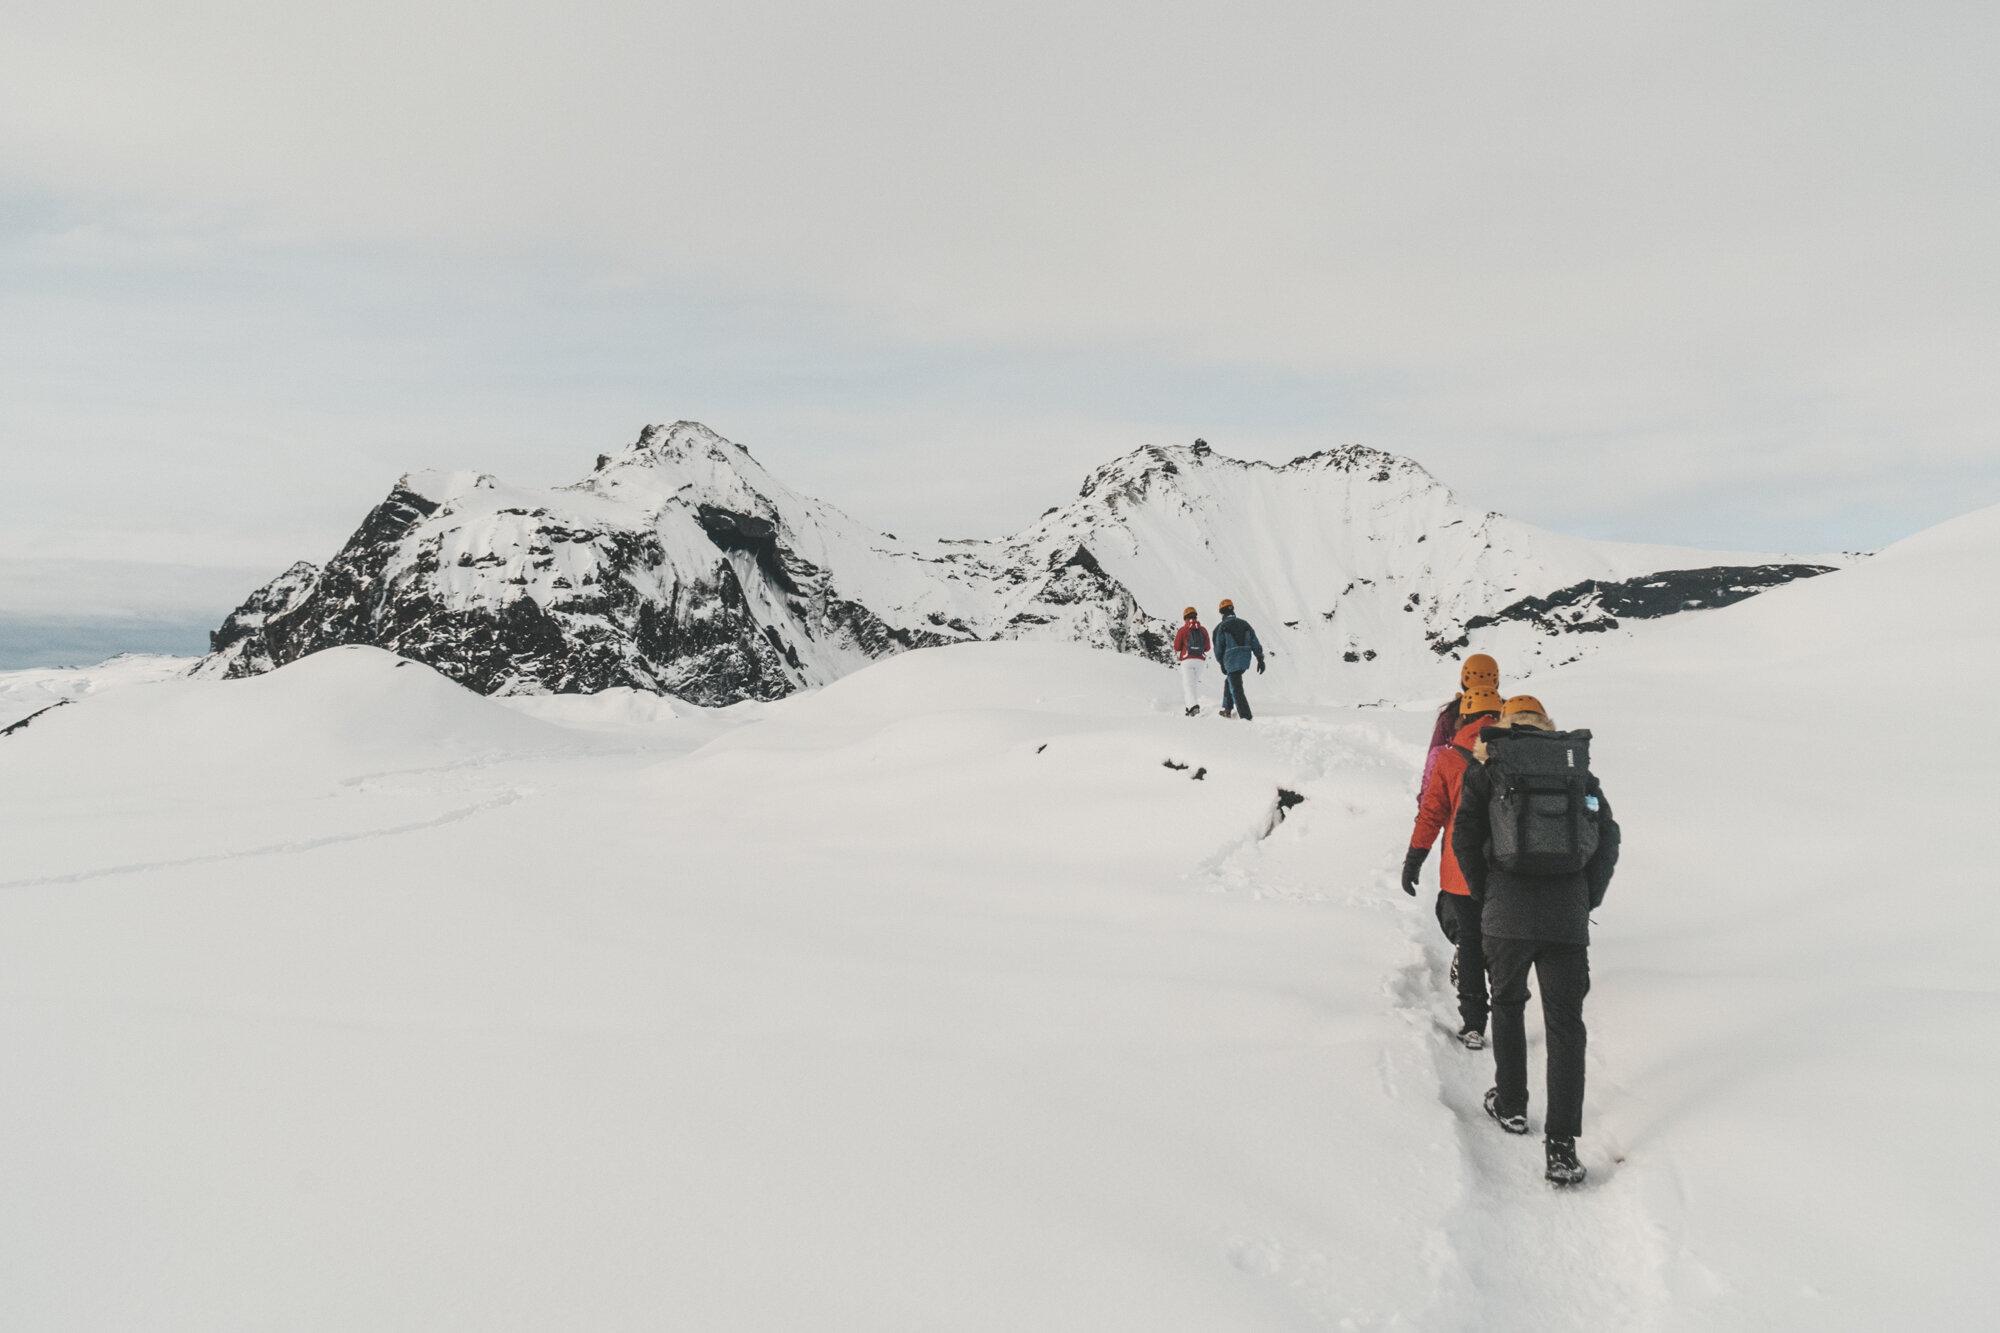 人们穿着冬装,在雪地里向冰岛的黑山跋涉